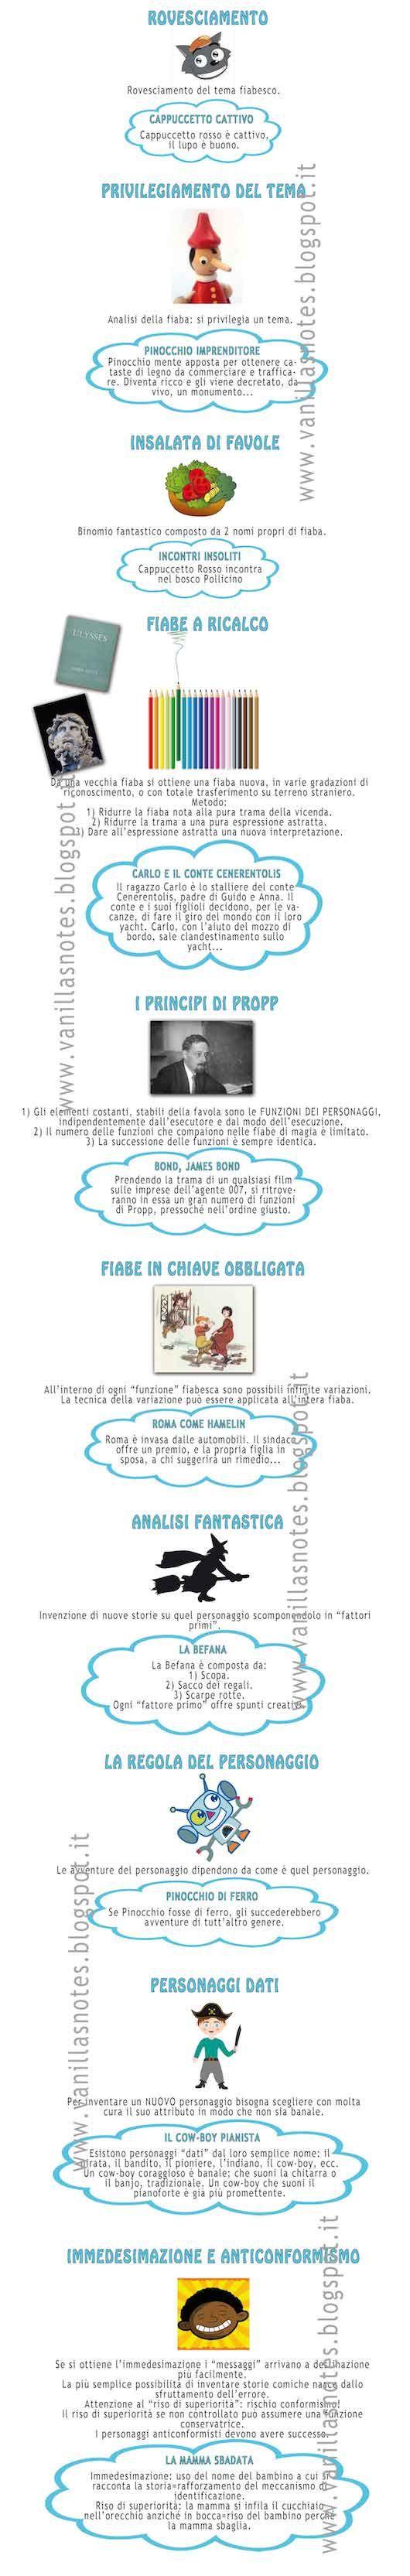 Gianni Rodari e la grammatica della fantasia - Parte 2